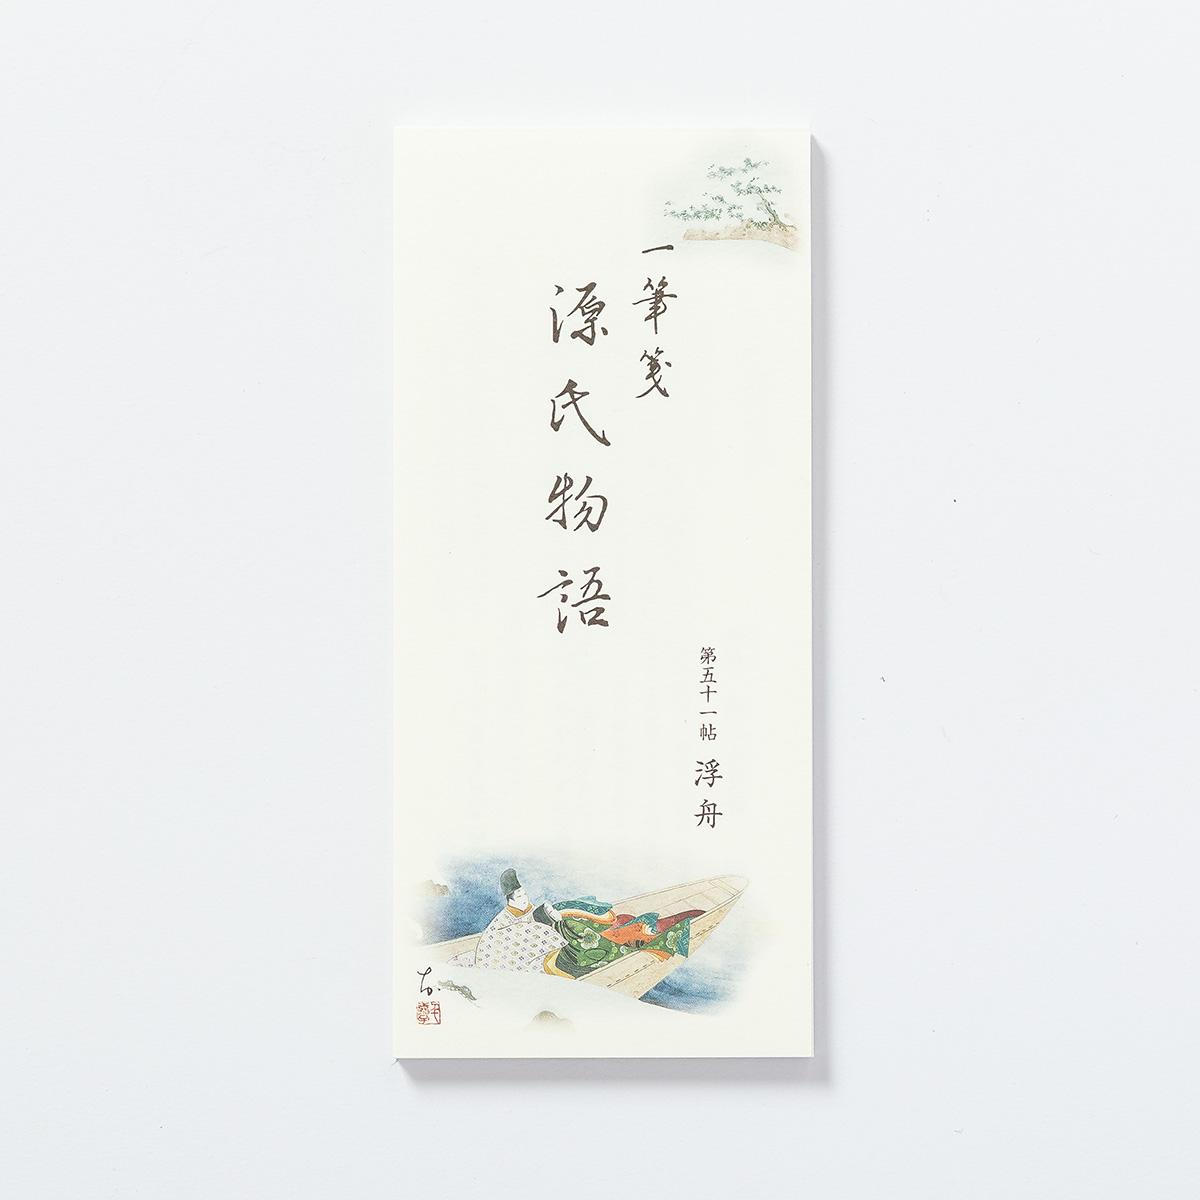 源氏物語一筆箋 第51帖「浮舟」